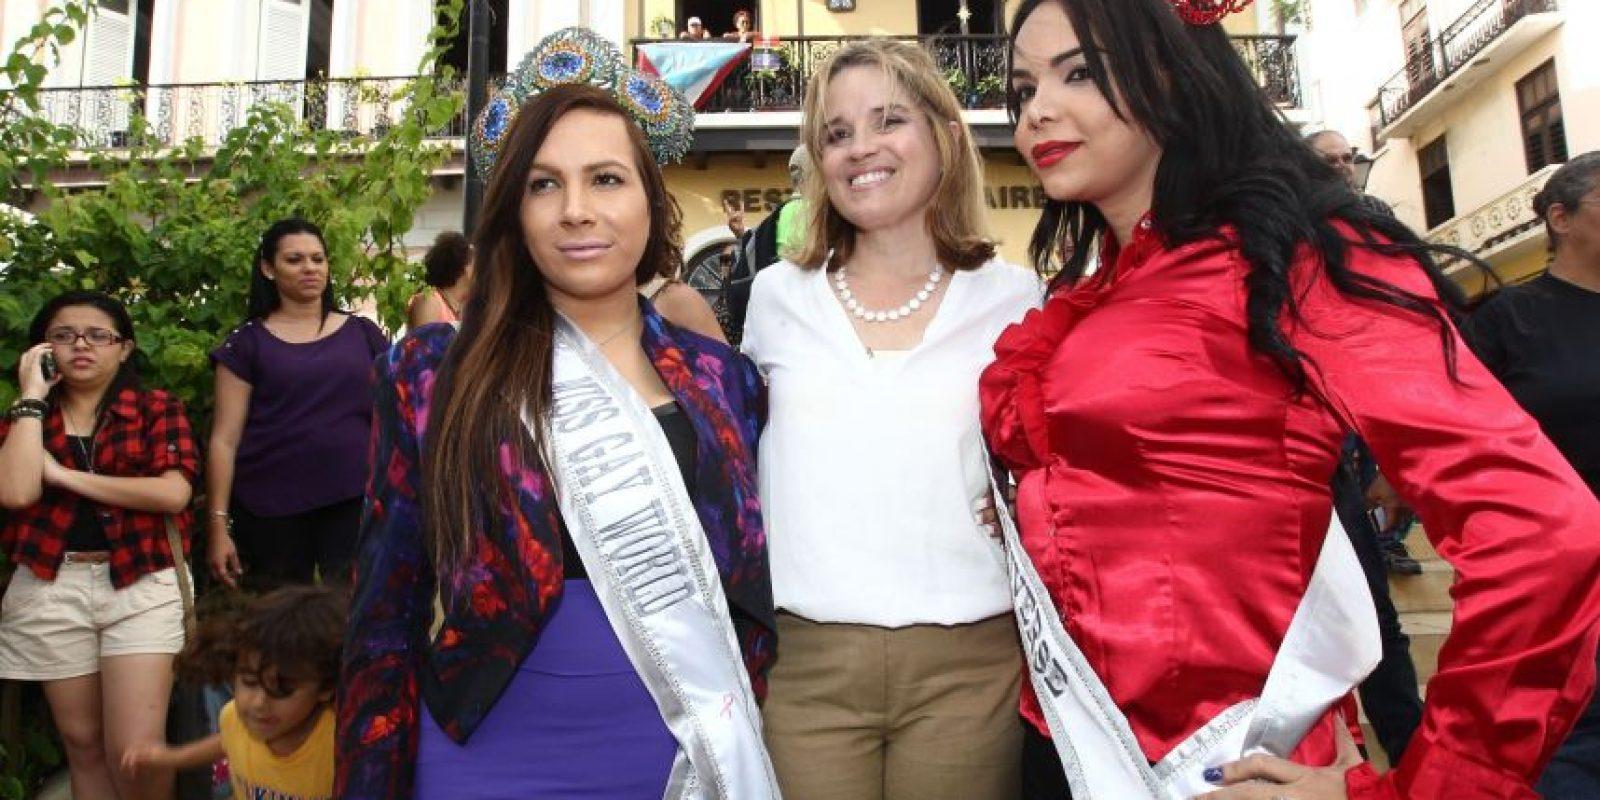 Carmen Yulín Cruz, alcaldesa de San Juan, junto con Miss Puerto Rico Gay World, Andrea Medina, y Miss Puerto Rico Gay Universe, Kimberly Vázquez Foto:Keno Rodríguez/ Metro Puerto Rico. Imagen Por: